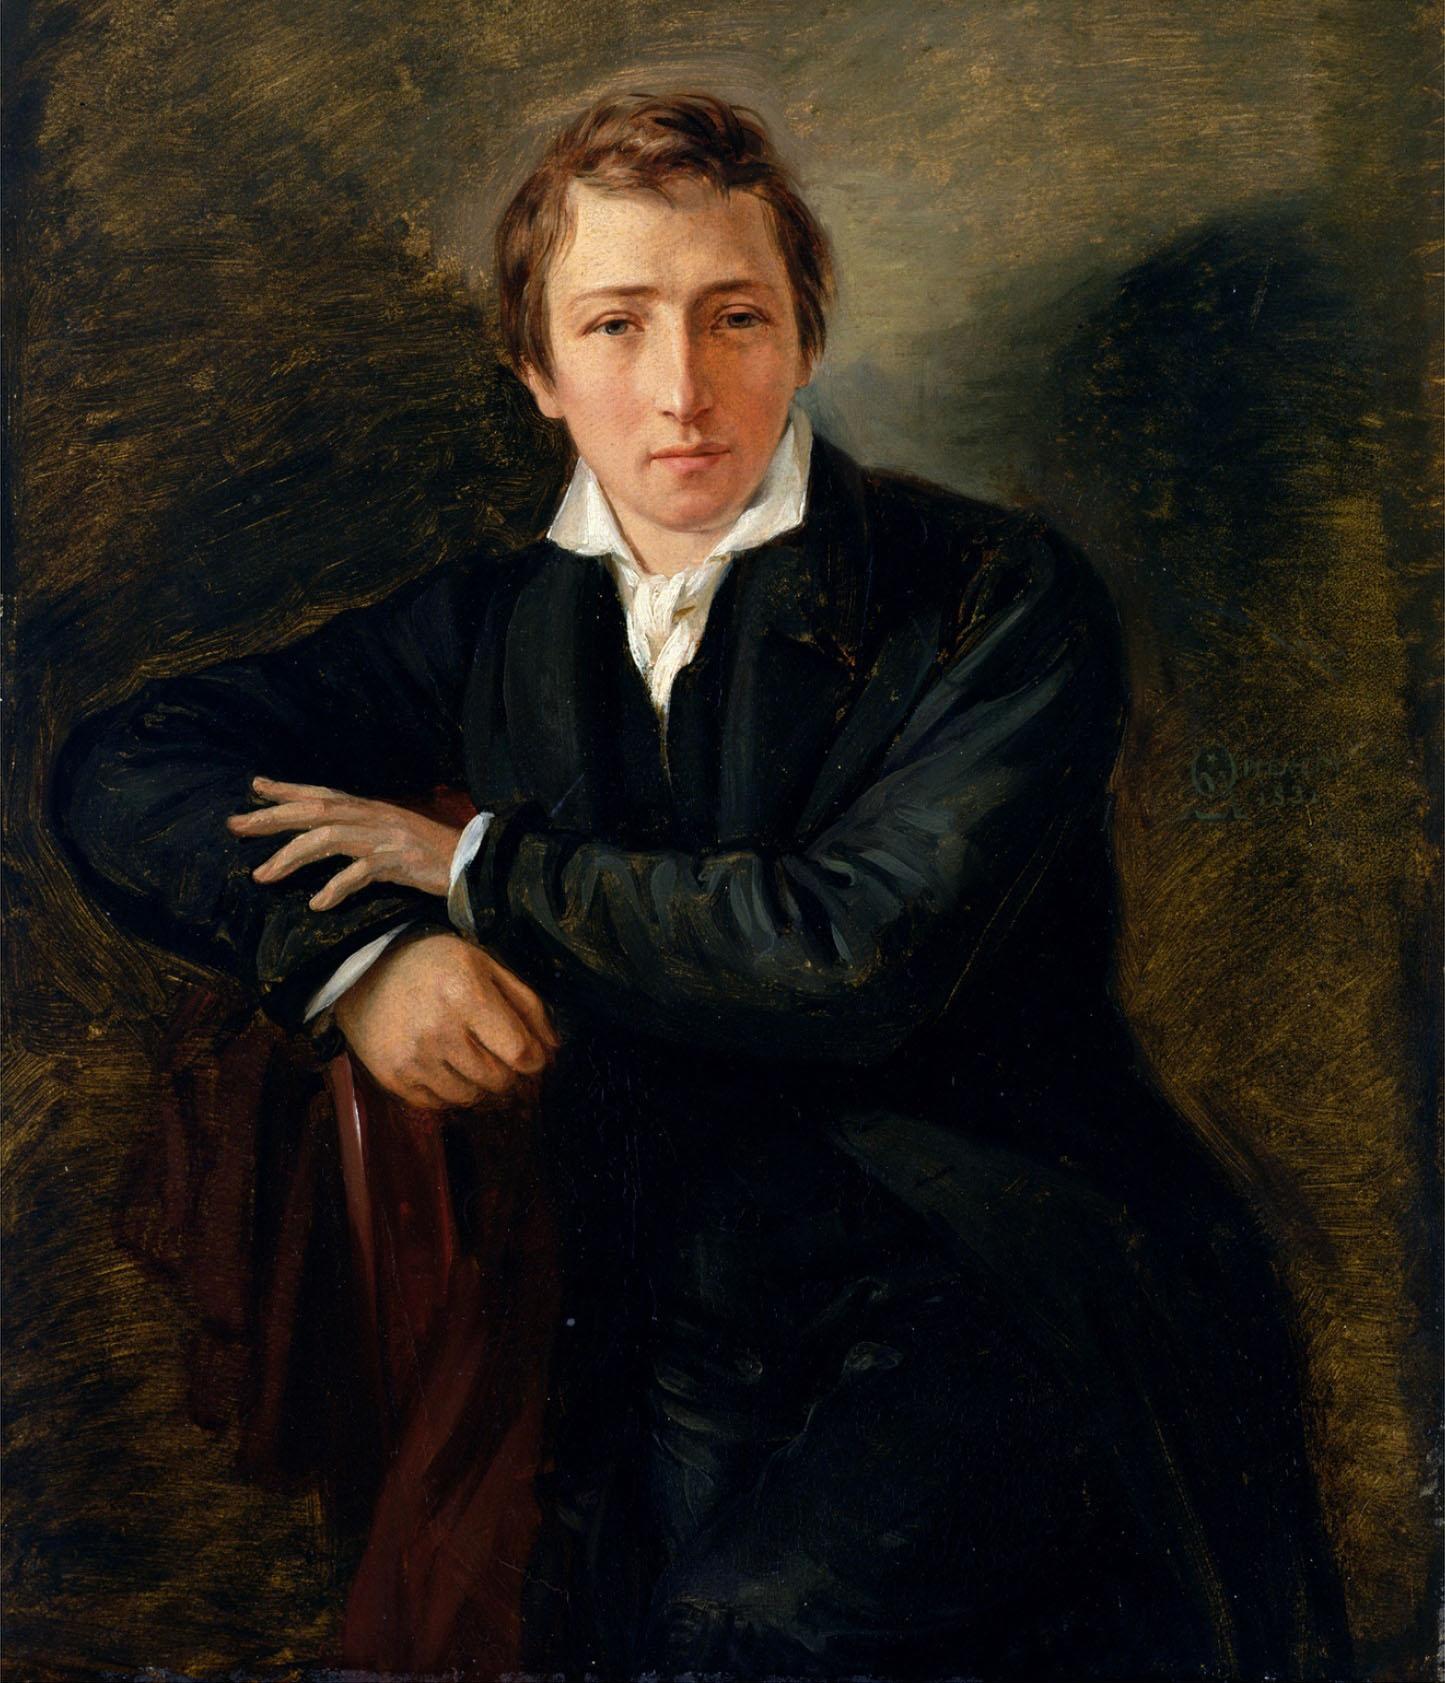 هاينرش هاينه سنة 1831 م ، بريشة الألماني موريتز دانيال أوبنهايم